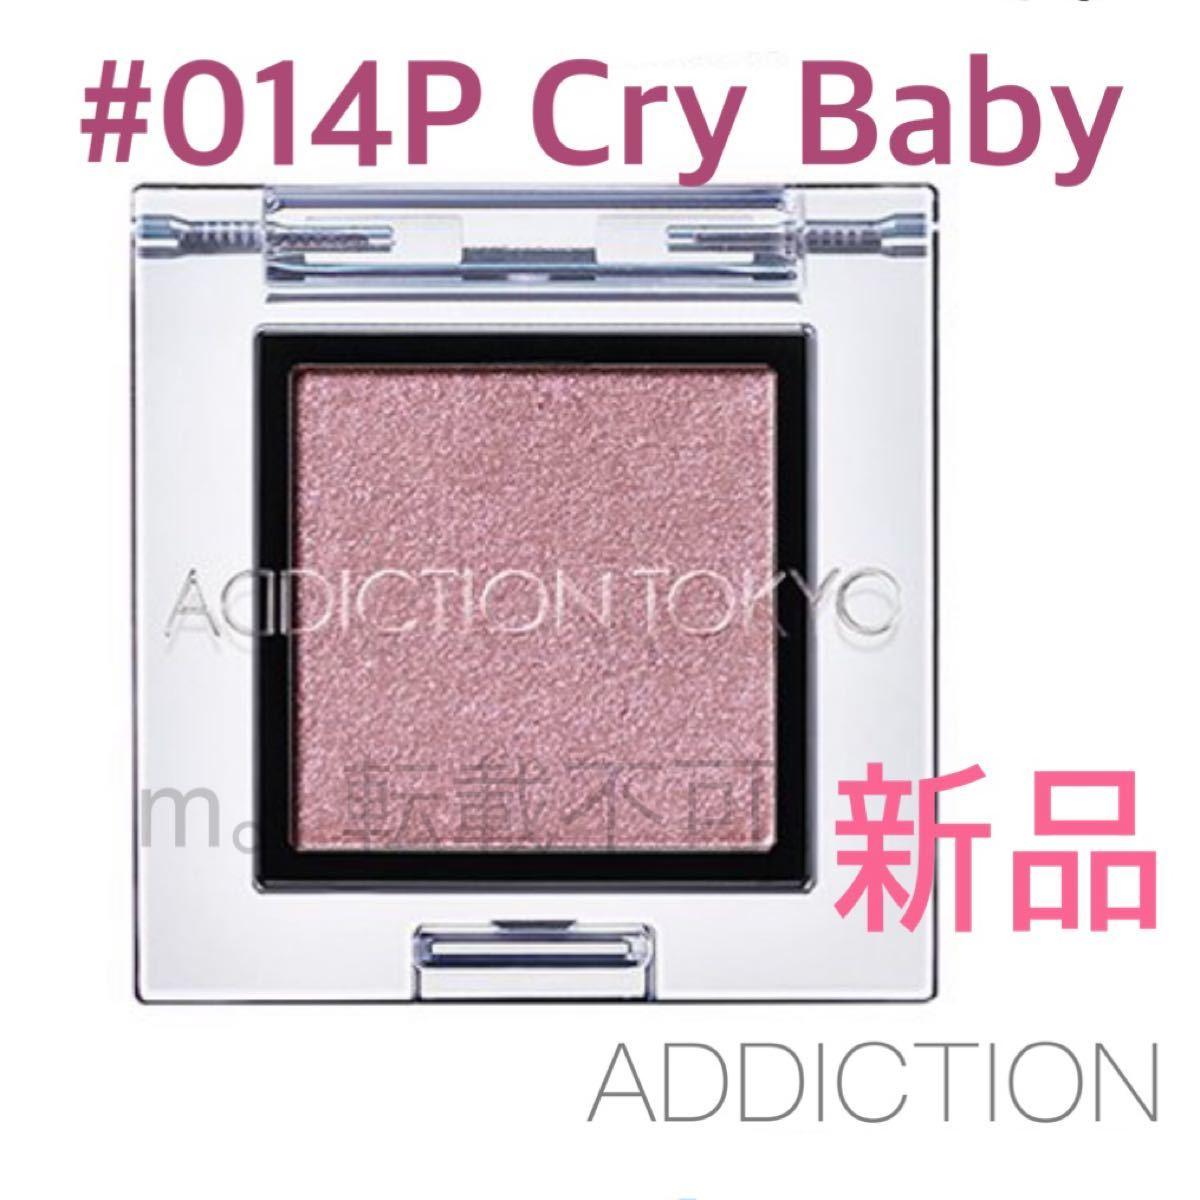 ADDICTION アディクション ザ アイシャドウ 014P Cry Baby クライベイビー アディクション 国内正規品